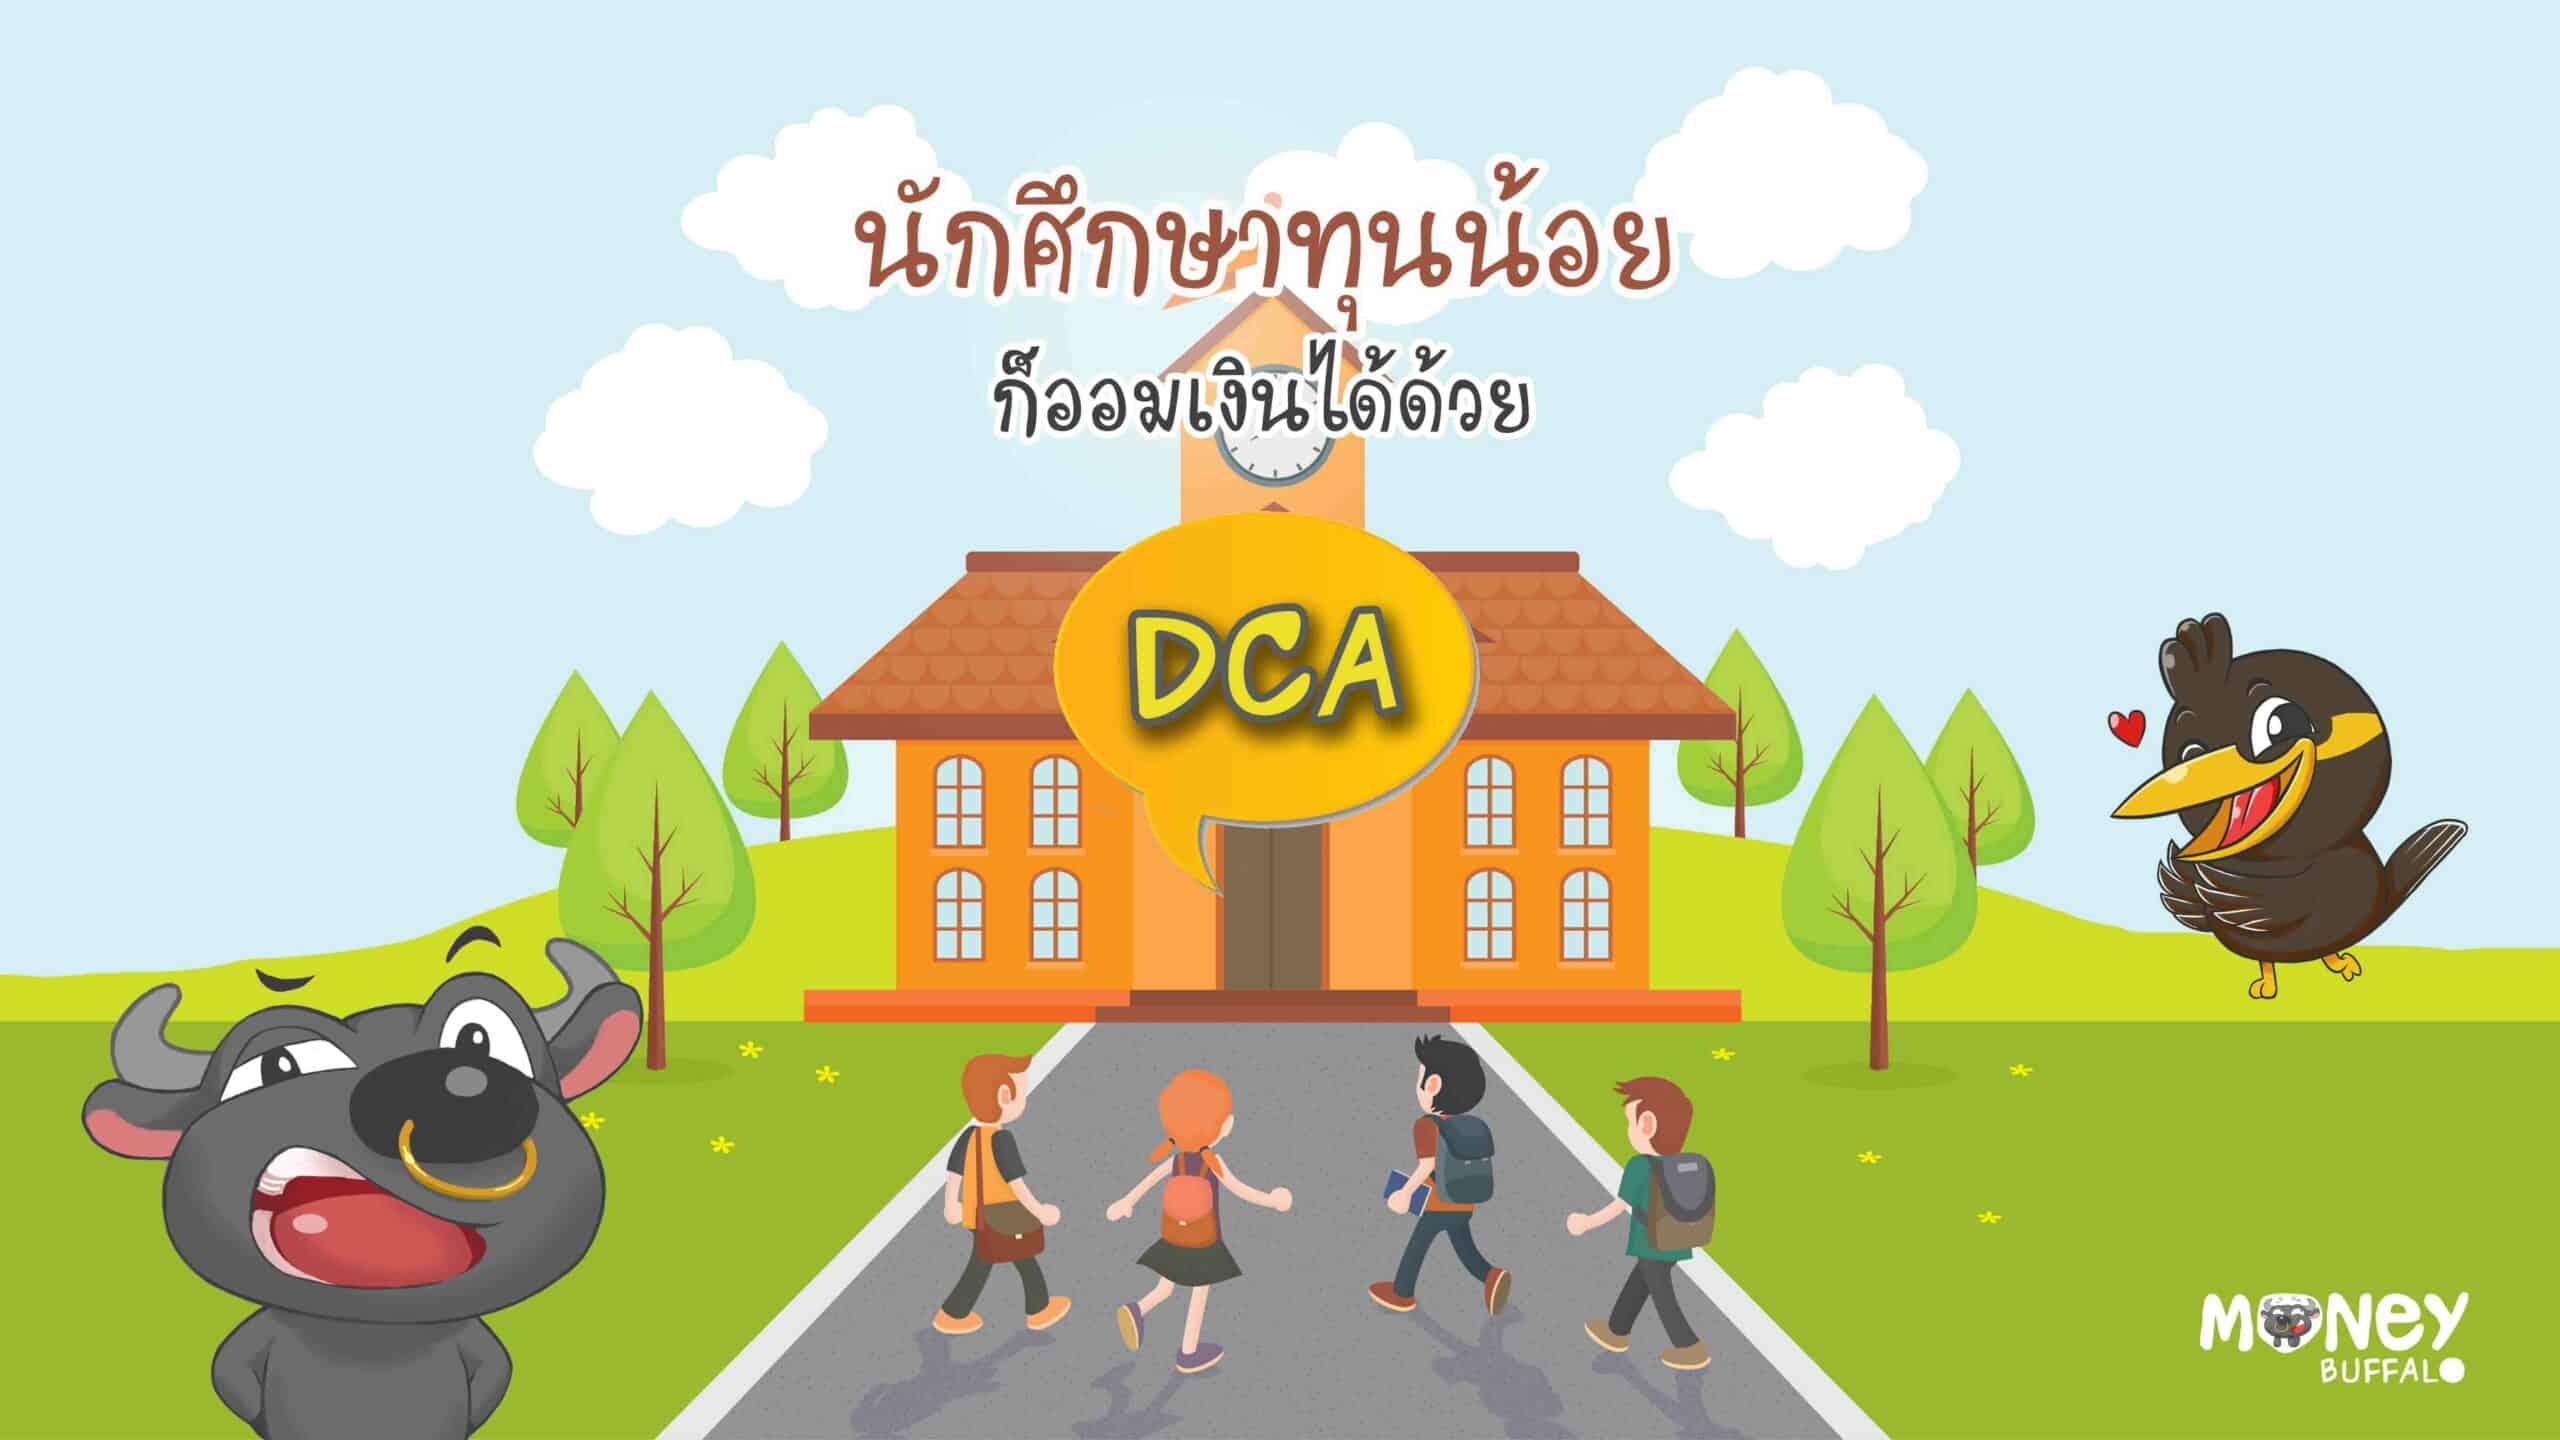 นักศึกษาทุนน้อย ก็ออมเงินได้ด้วย DCA